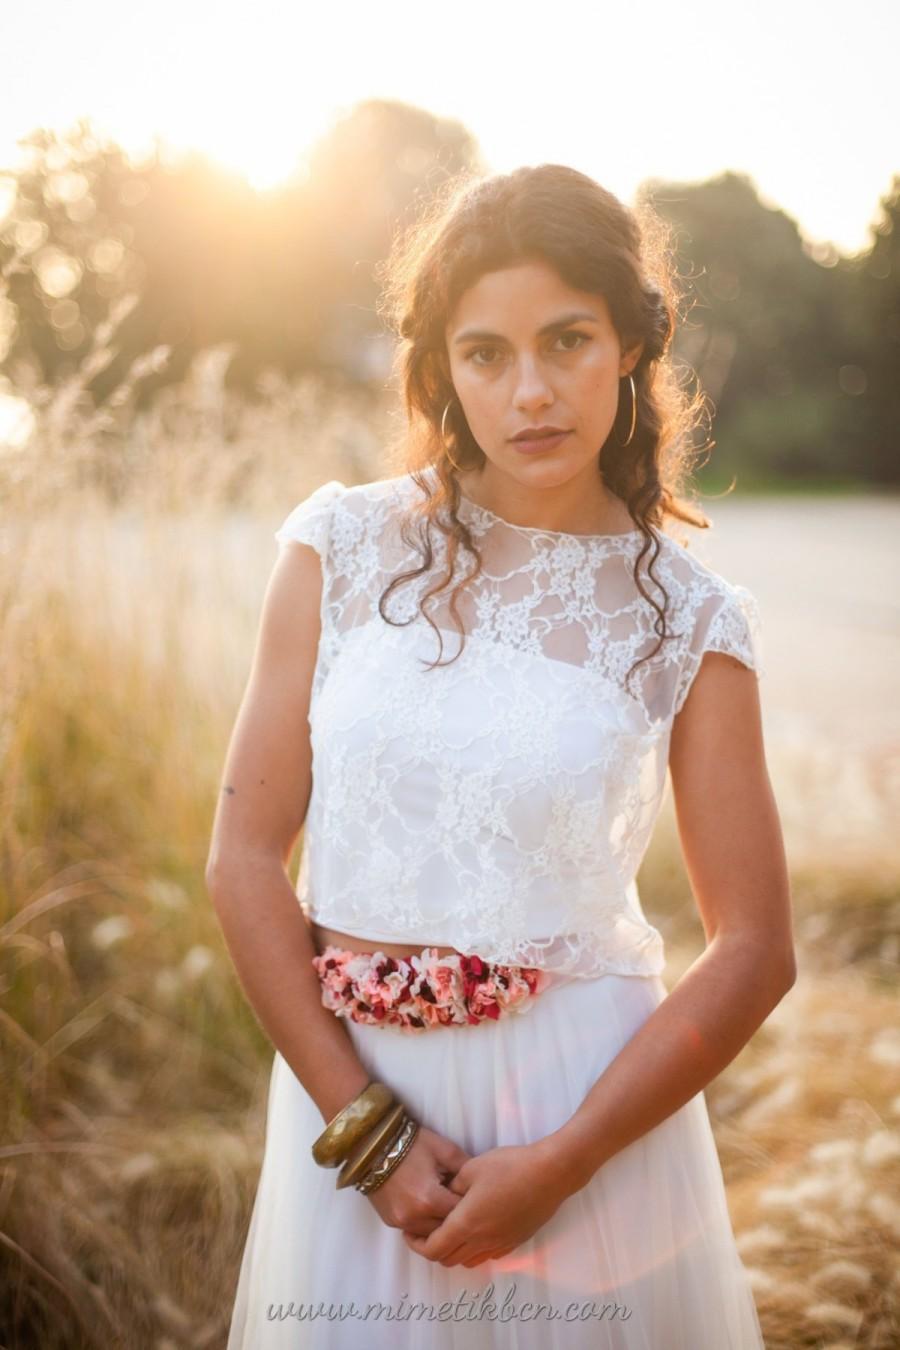 زفاف - Lace bridal crop top, Lace bridal topper, Frill sleeve wedding top, Bridal top with short sleeve, Crop top for wedding dress, Wedding topper